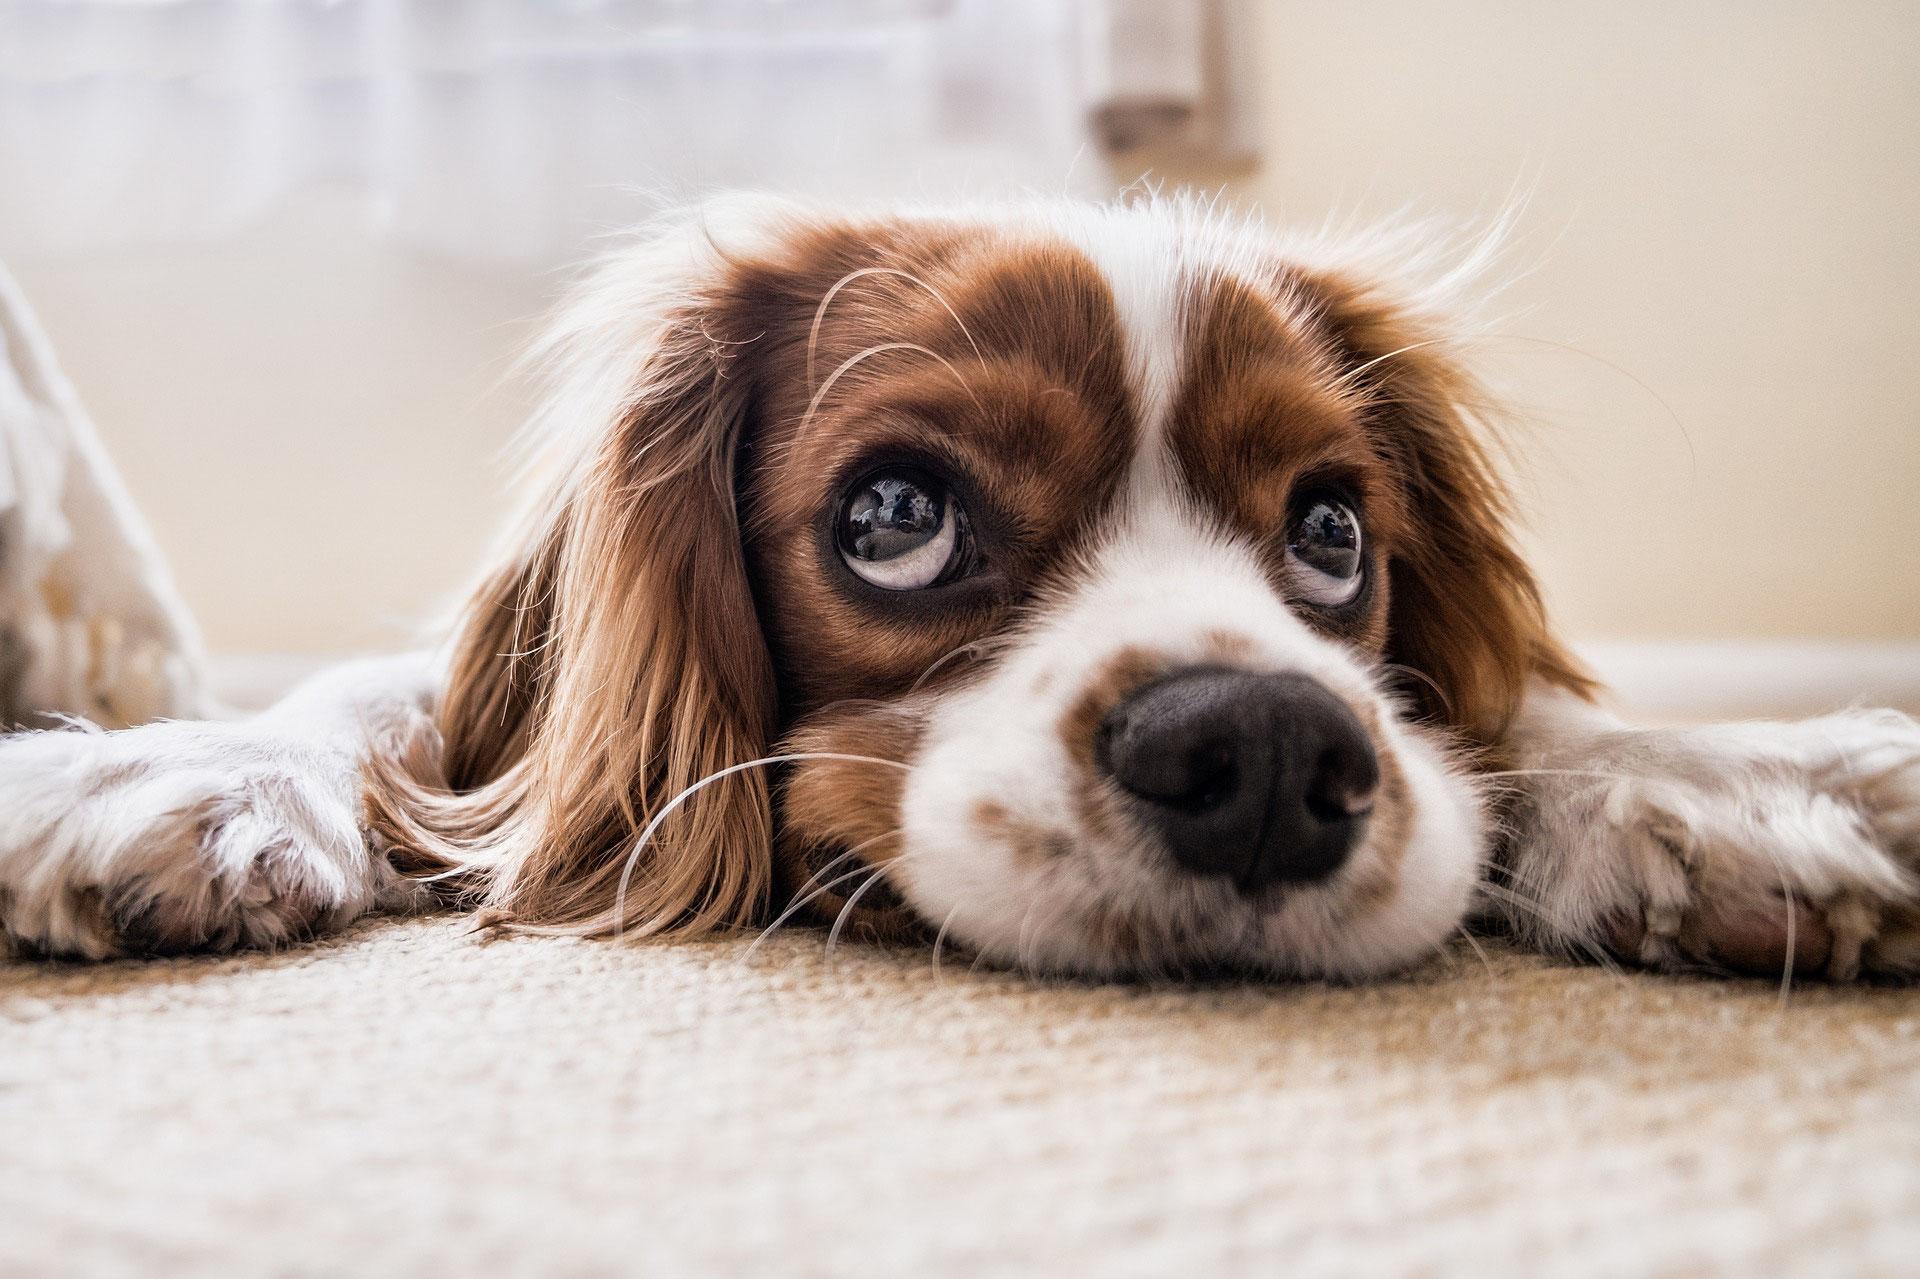 wie lange kann ein hund allein bleiben ruhr hundes. Black Bedroom Furniture Sets. Home Design Ideas